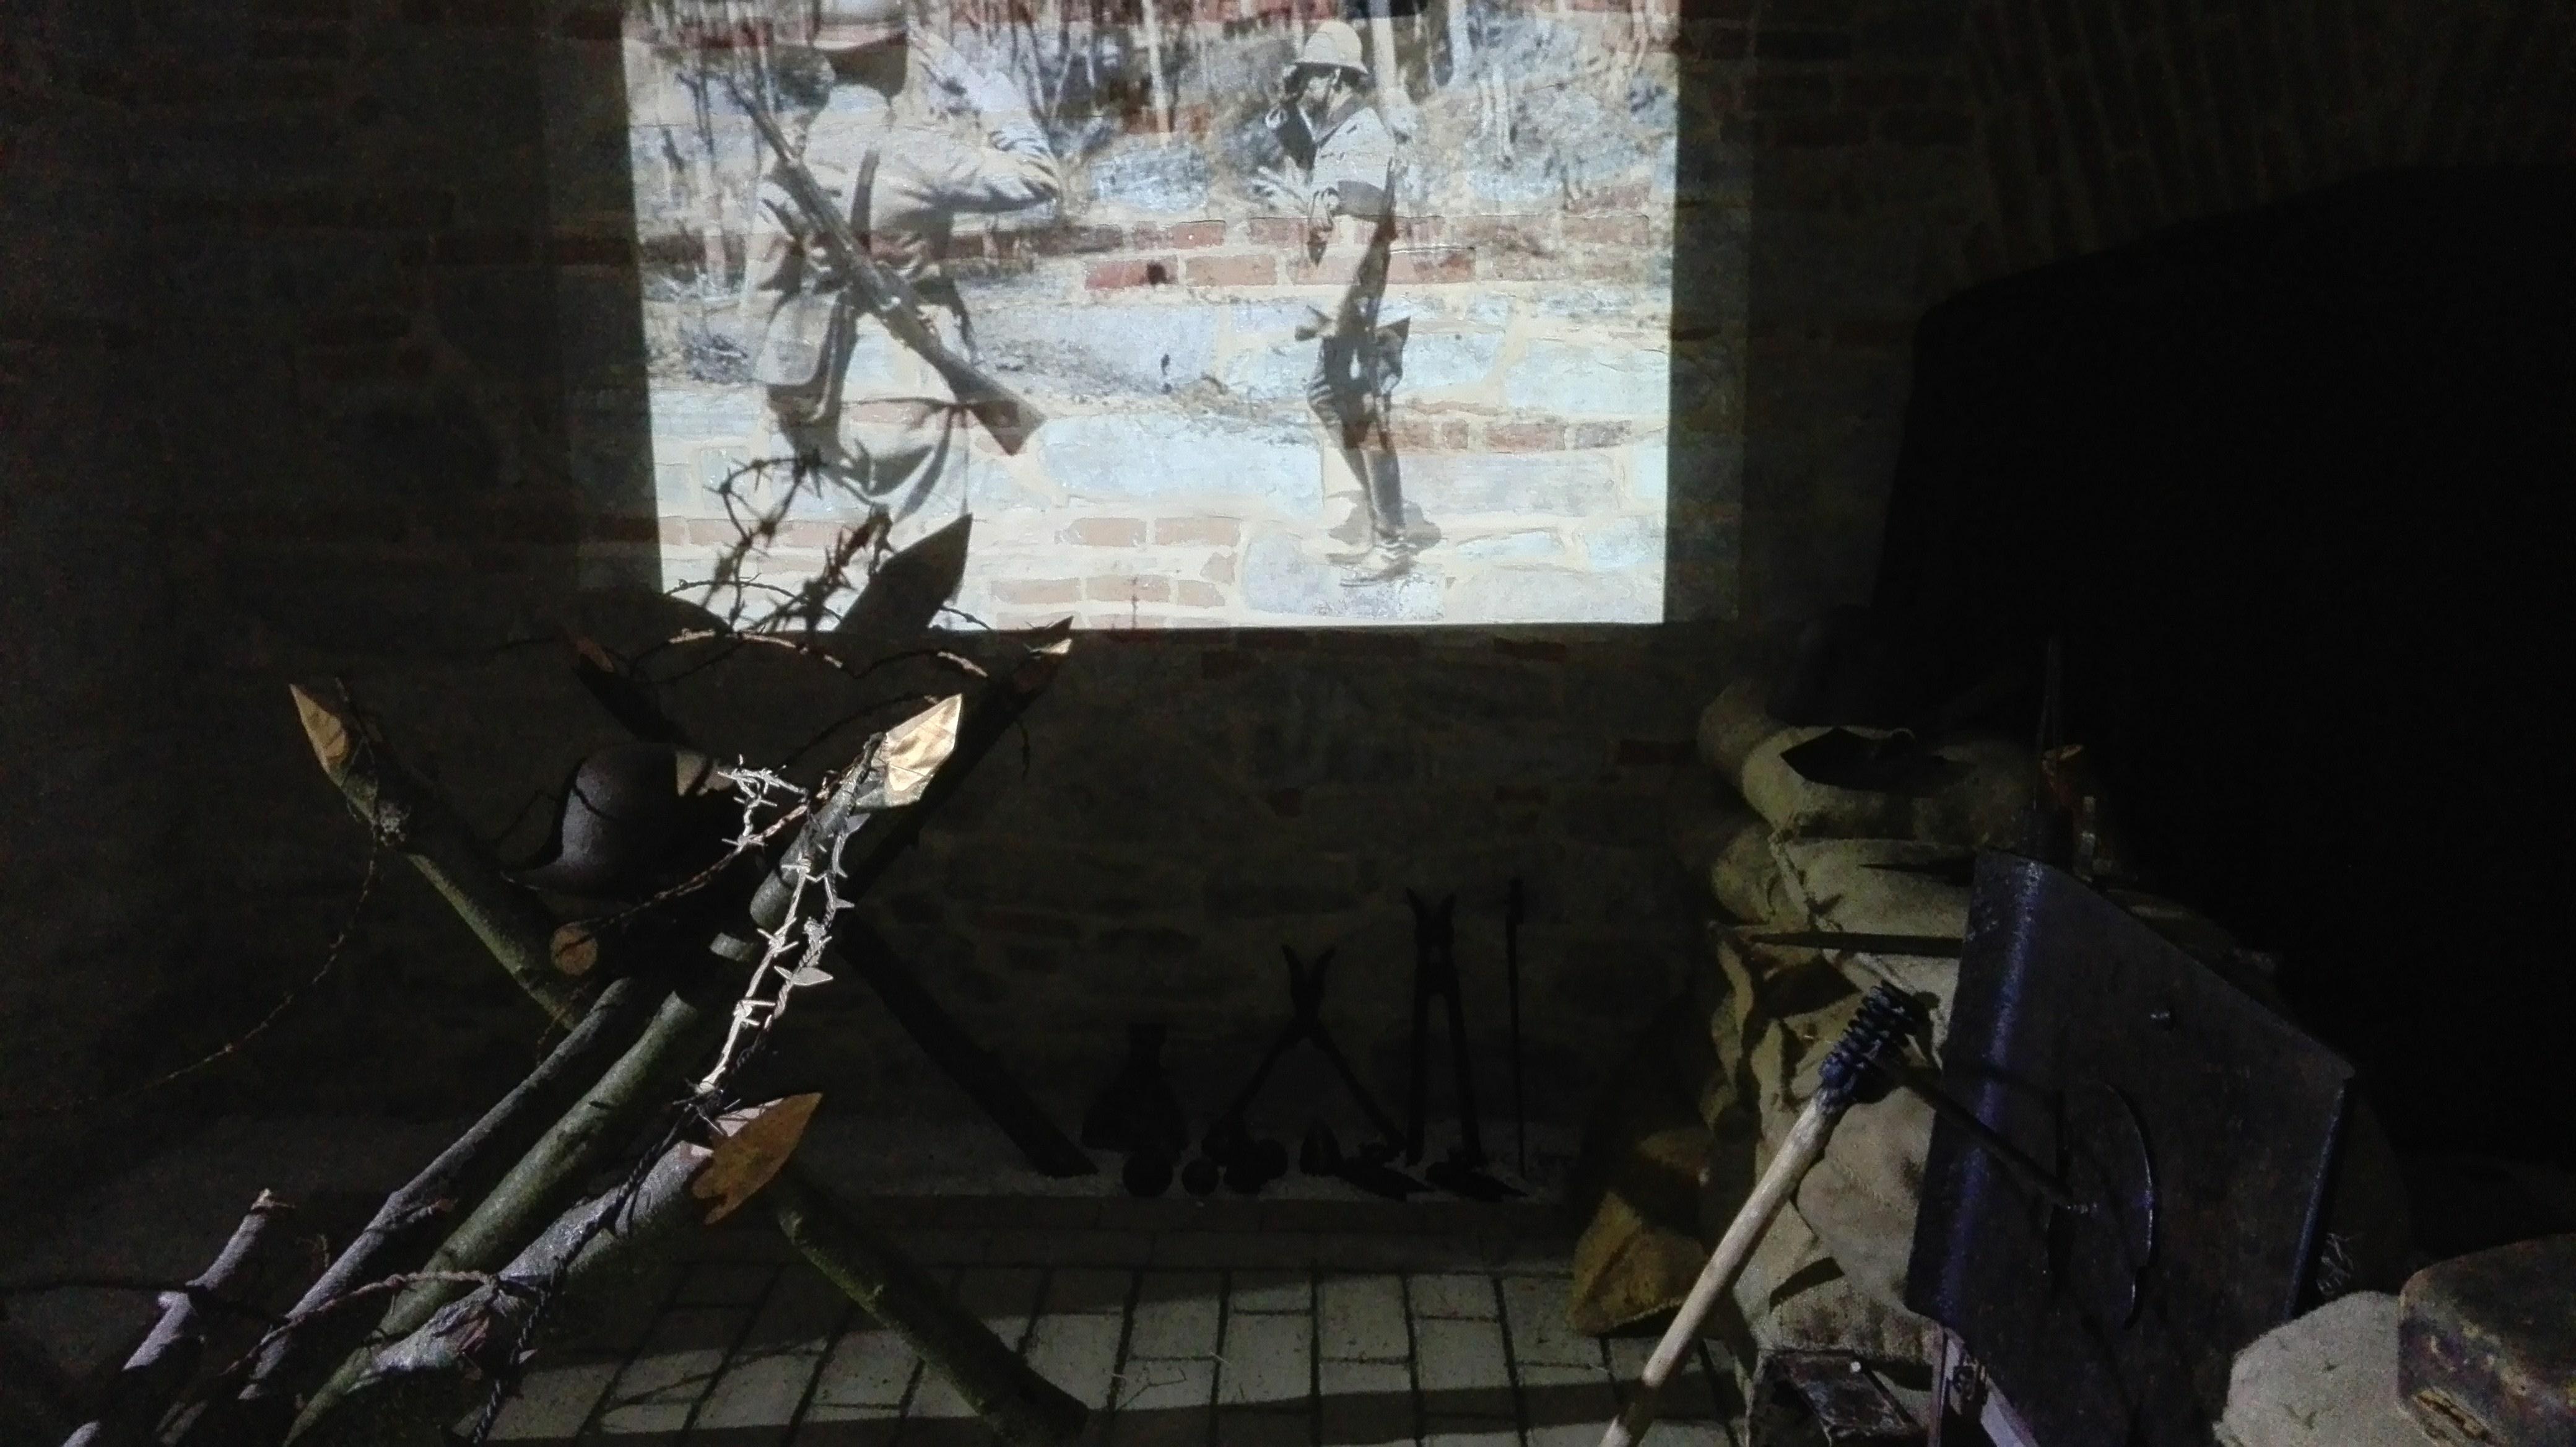 Români și maghiari într-un proiect comun: Comemorarea Centenarului in preajma zilei de 1 Decembrie, cu ocazia Marii Uniri – la Complexul Muzeal Bistrița Năsăud